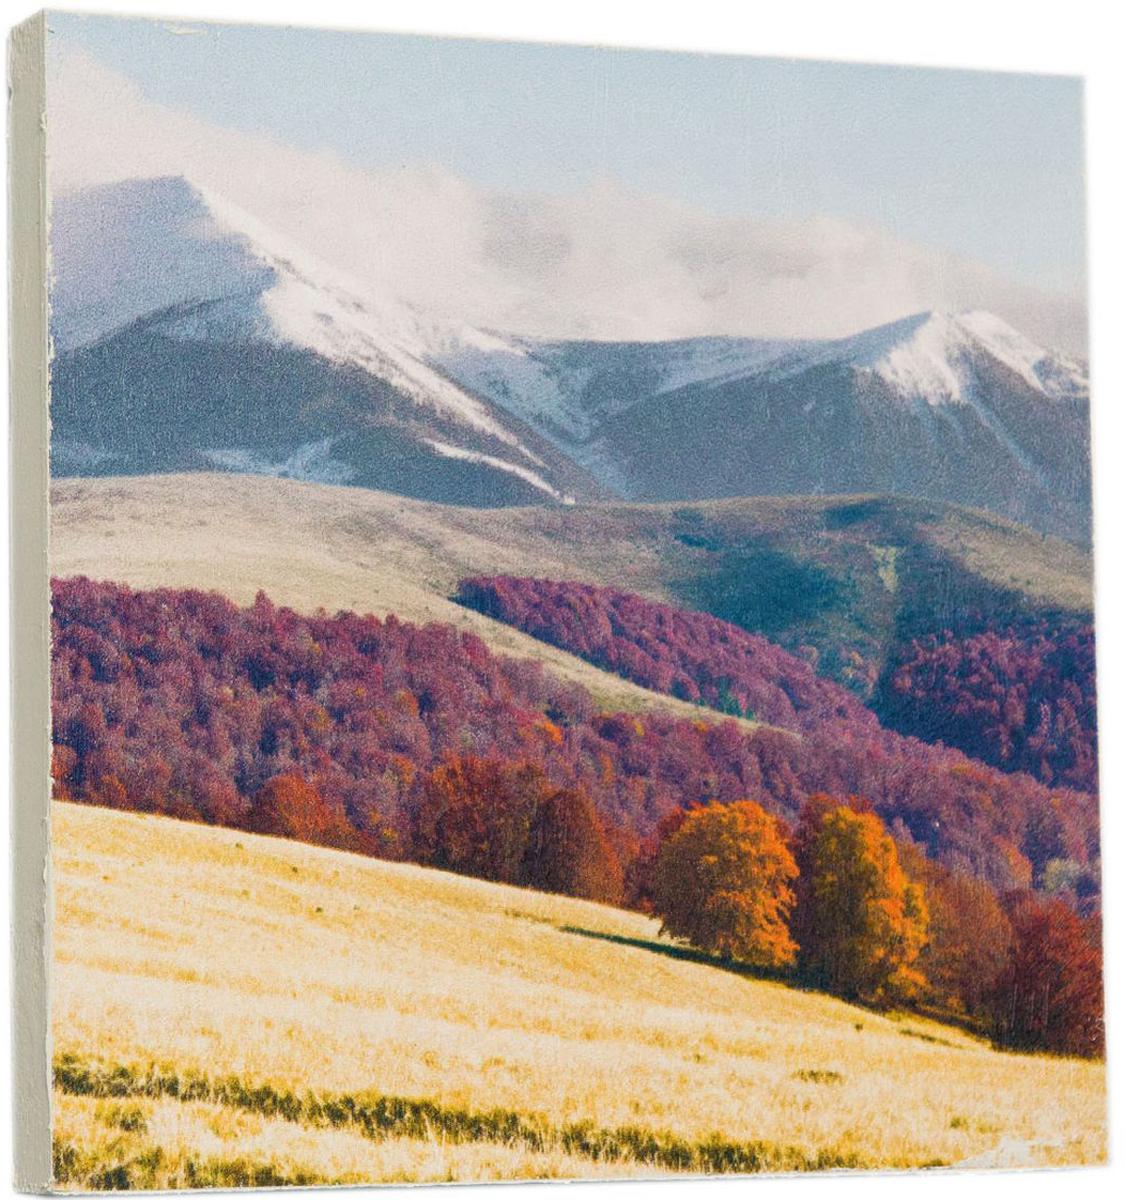 Картина Mister Poster Альпы, 22 х 22 см0272-22-22Картина Mister Poster - это высококачественная репродукция на деревянной раме. Лицевая поверхность имитирует штукатурку или натуральный холст, края окрашены вручную специальным декоративным составом.Современные технологии, уникальное оборудование и оригинальные чернила, используемые при изготовлении, делают постер устойчивым к выцветанию, а также гарантируют стойкость к воздействию негативных внешних факторов. Интерьер дома и офиса, в котором находится человек, в значительной степени влияет на его настроение и работоспособность. Правильное оформление интерьера создает благоприятный психологический климат, улучшает настроение и мотивирует. Добавьте «красок» в ваш интерьер и, возможно, в вашу жизнь.